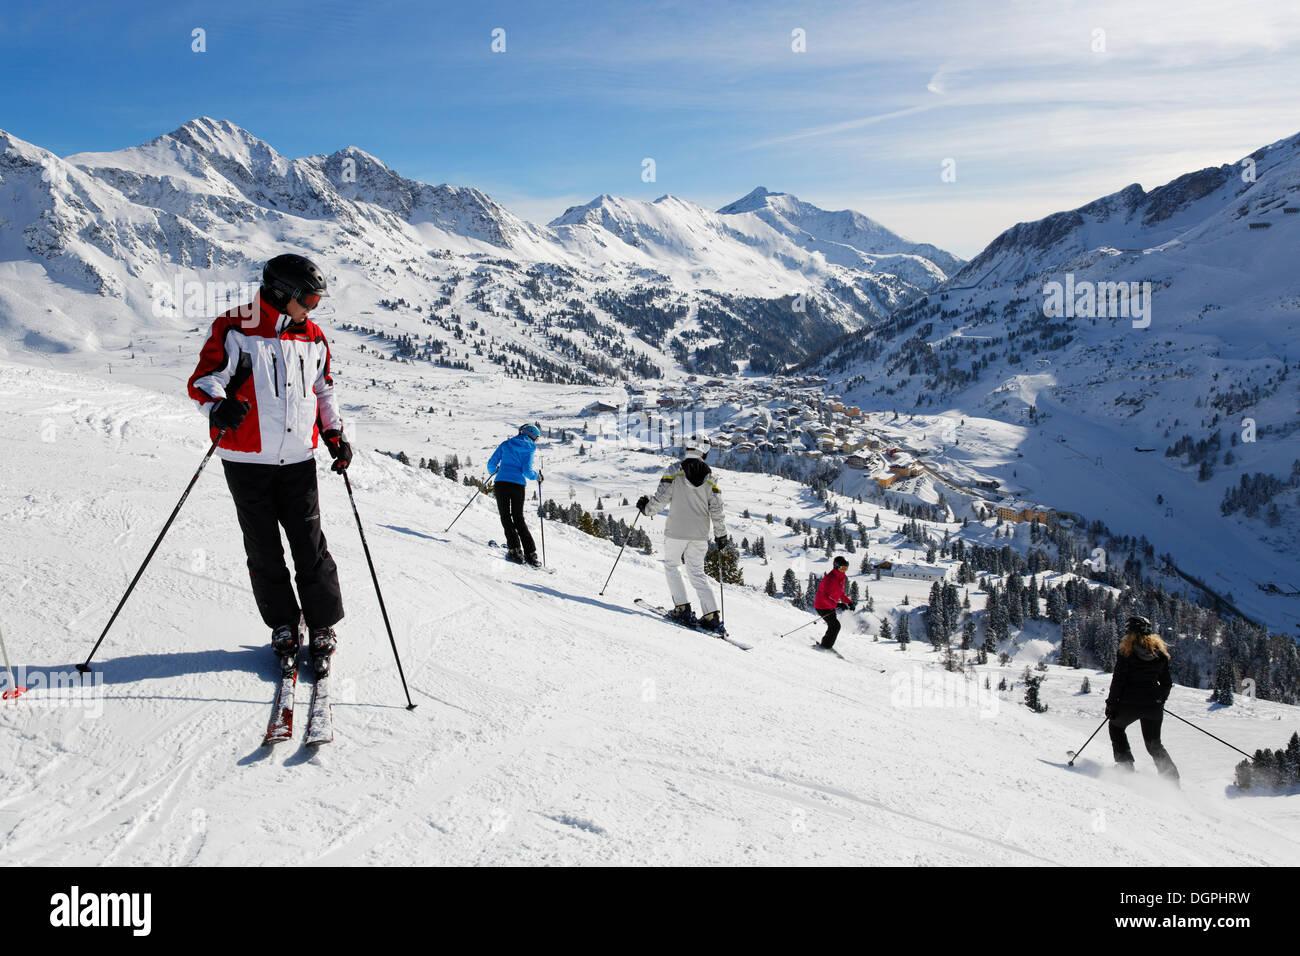 Obertauern skiing region, Obertauern, Radstädter Tauern, Salzburg State, Austria - Stock Image